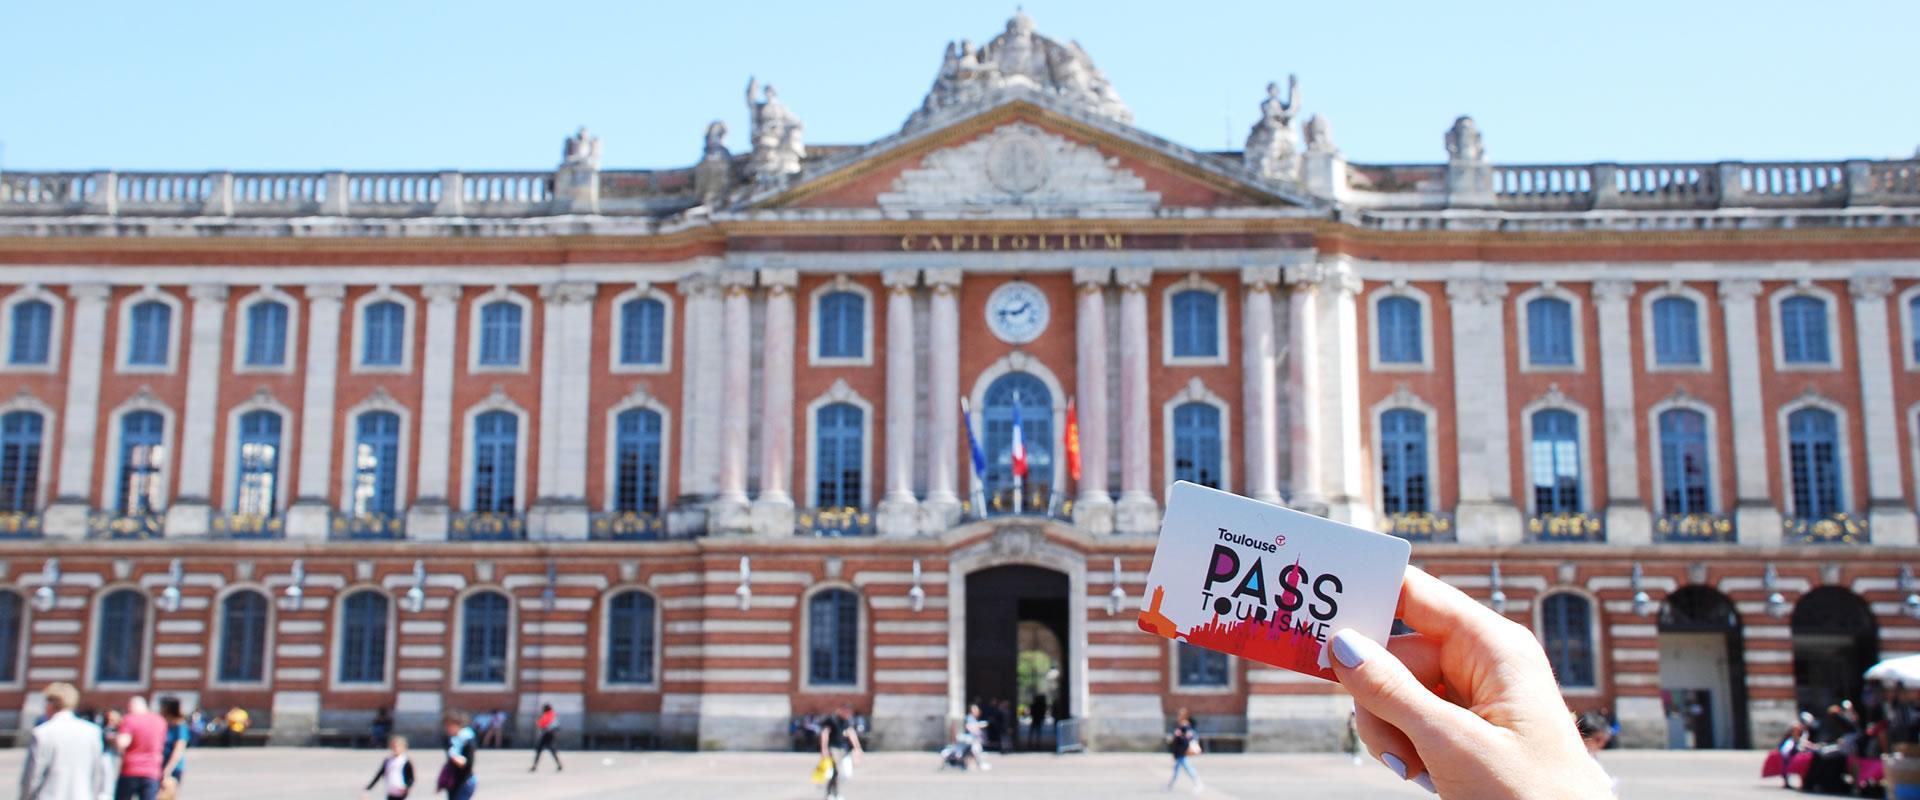 Pass tourisme toulouse tourisme - Office de tourisme de toulouse ...